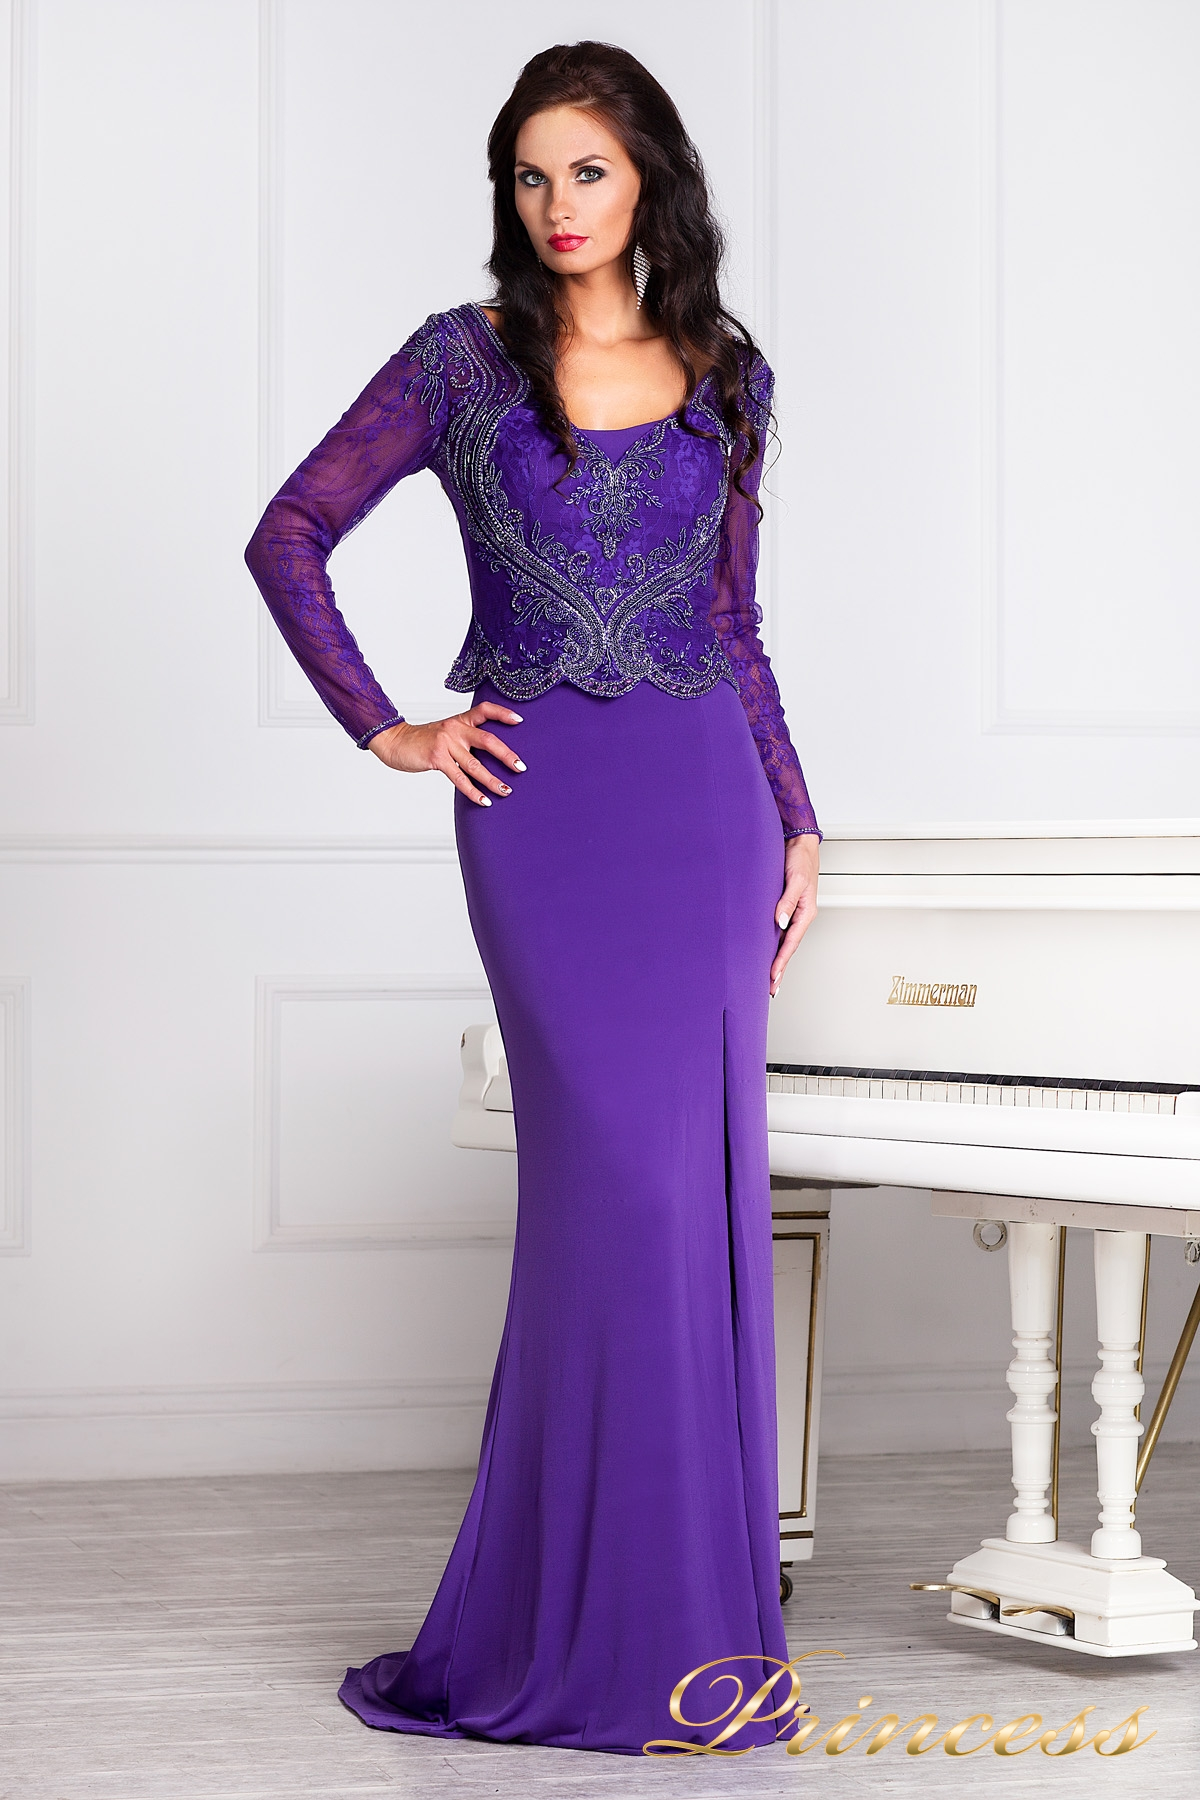 db83cca0b59 Купить вечернее платье 3200n фиолетового цвета по цене 29500 руб. в ...